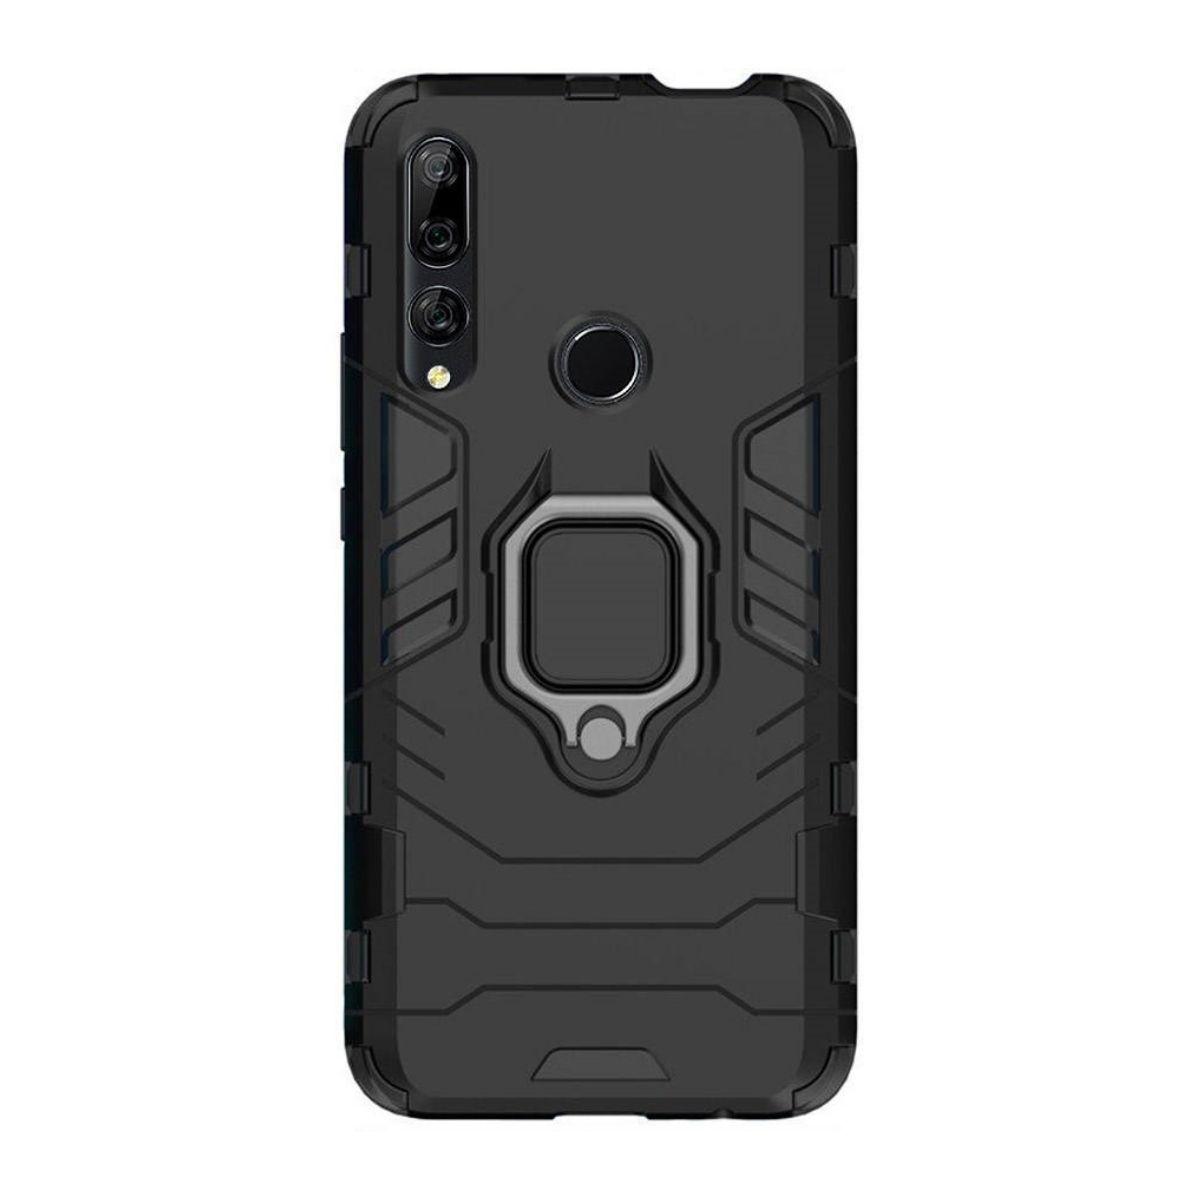 کاور مدل DEF02 مناسب برای گوشی موبایل هوآوی Y9 Prime 2019